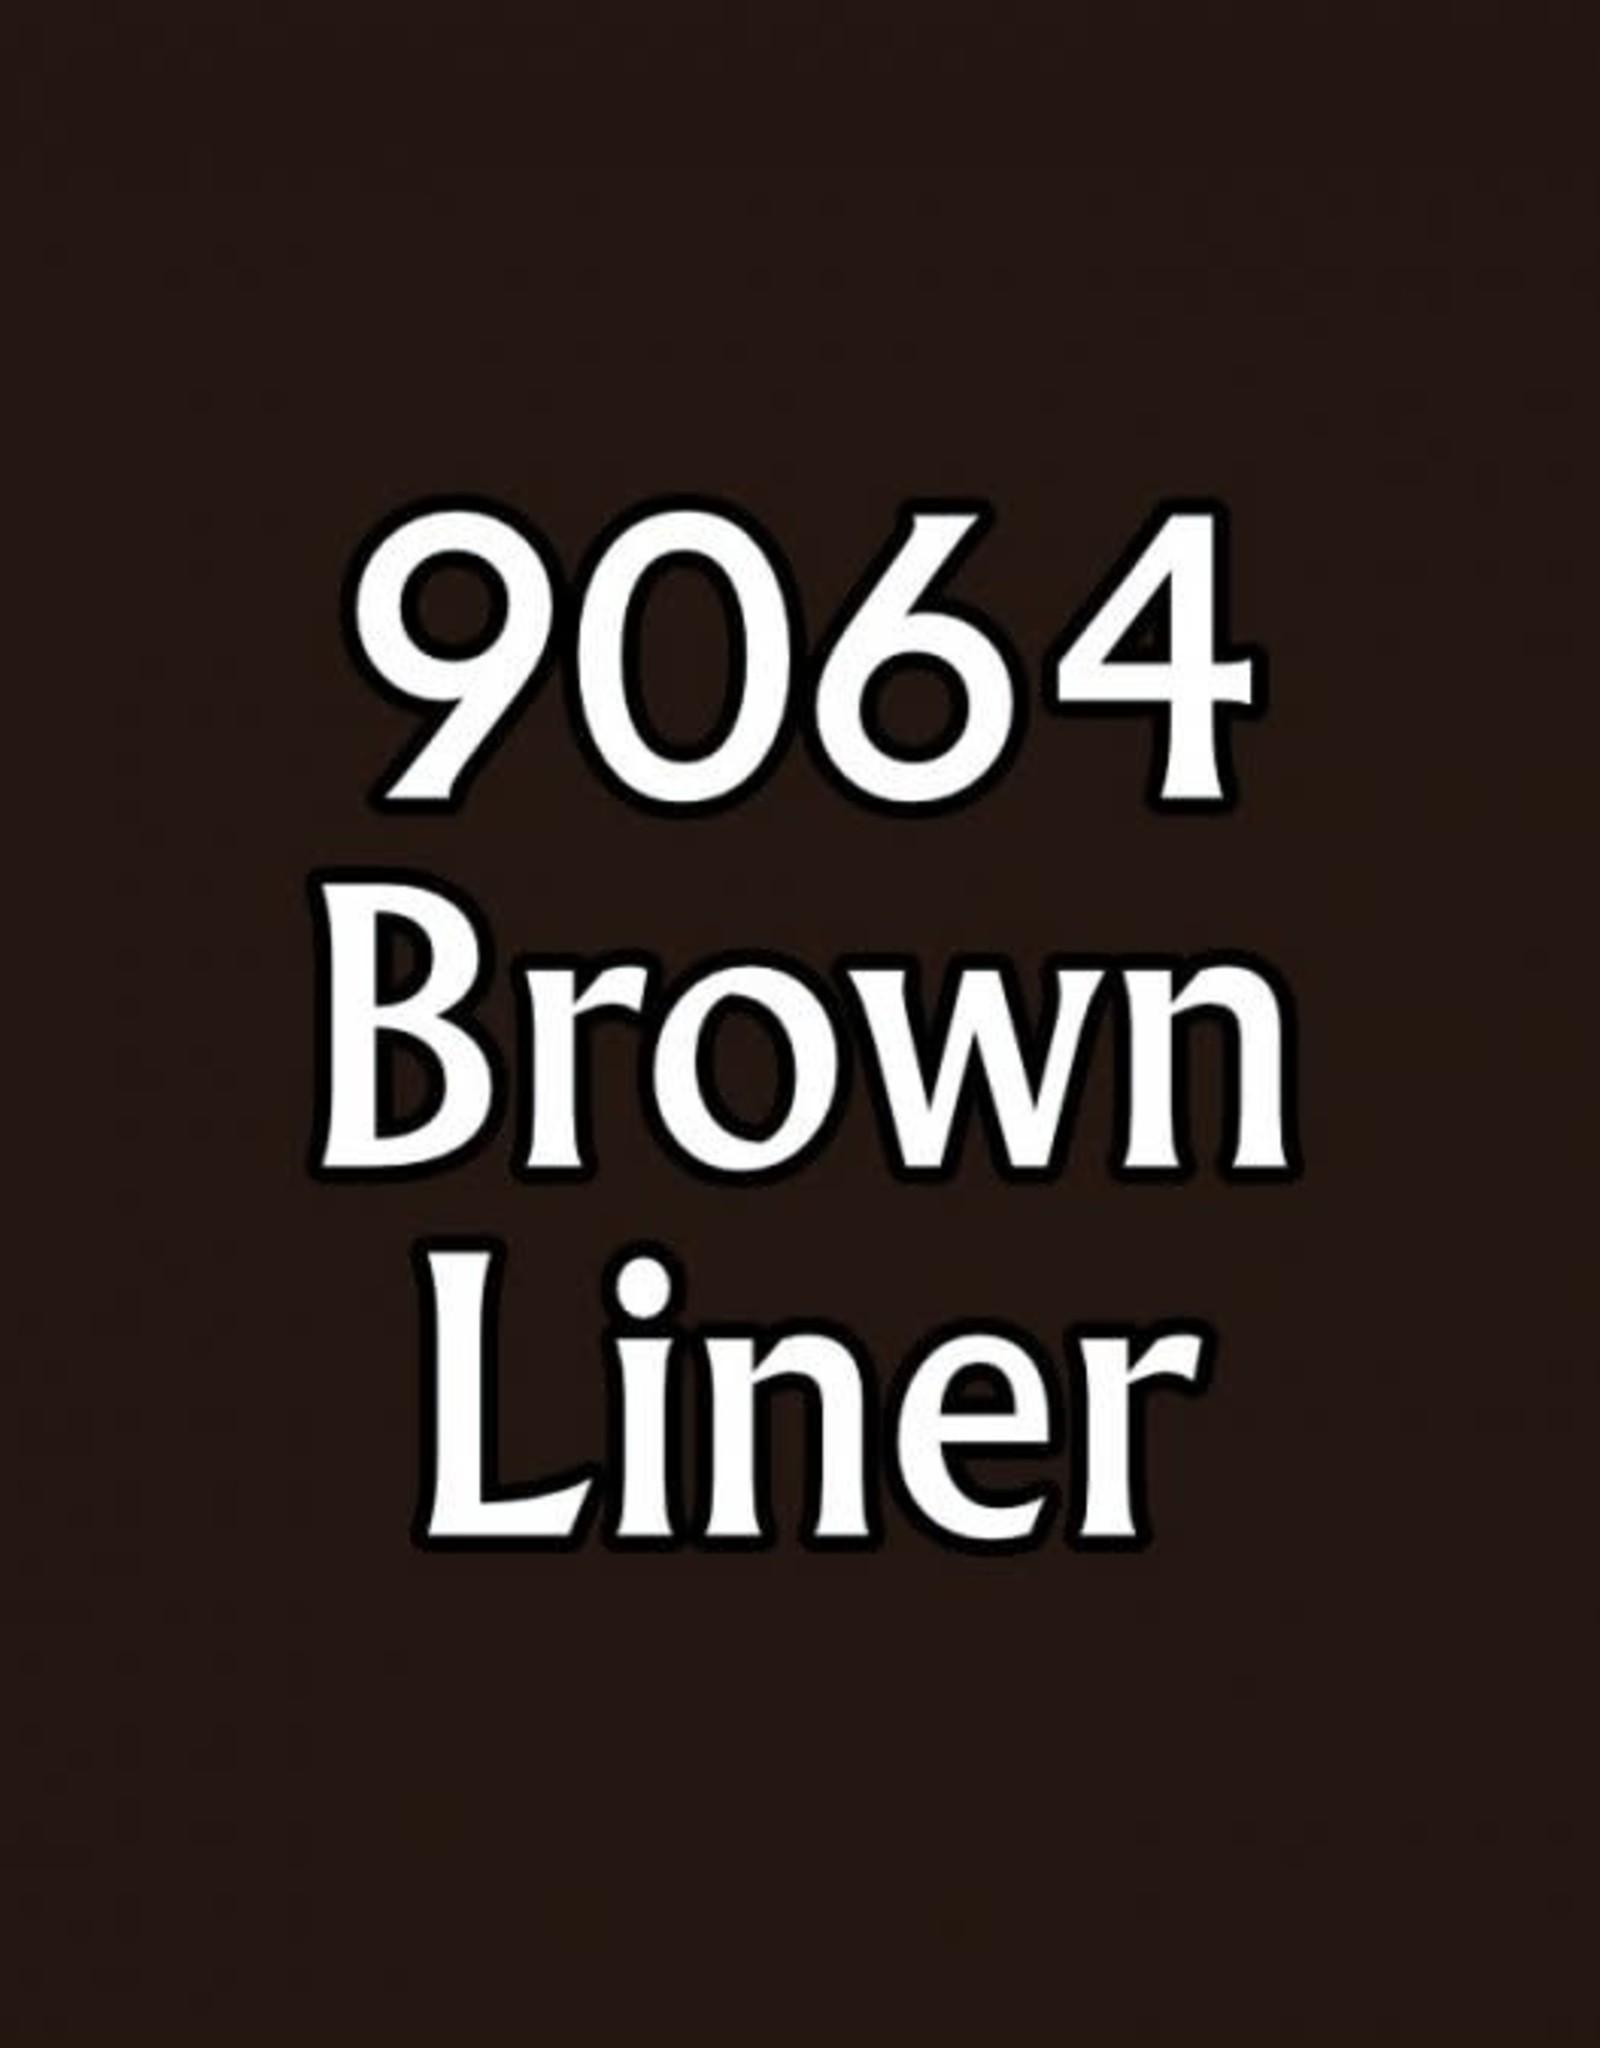 Reaper Brown Liner